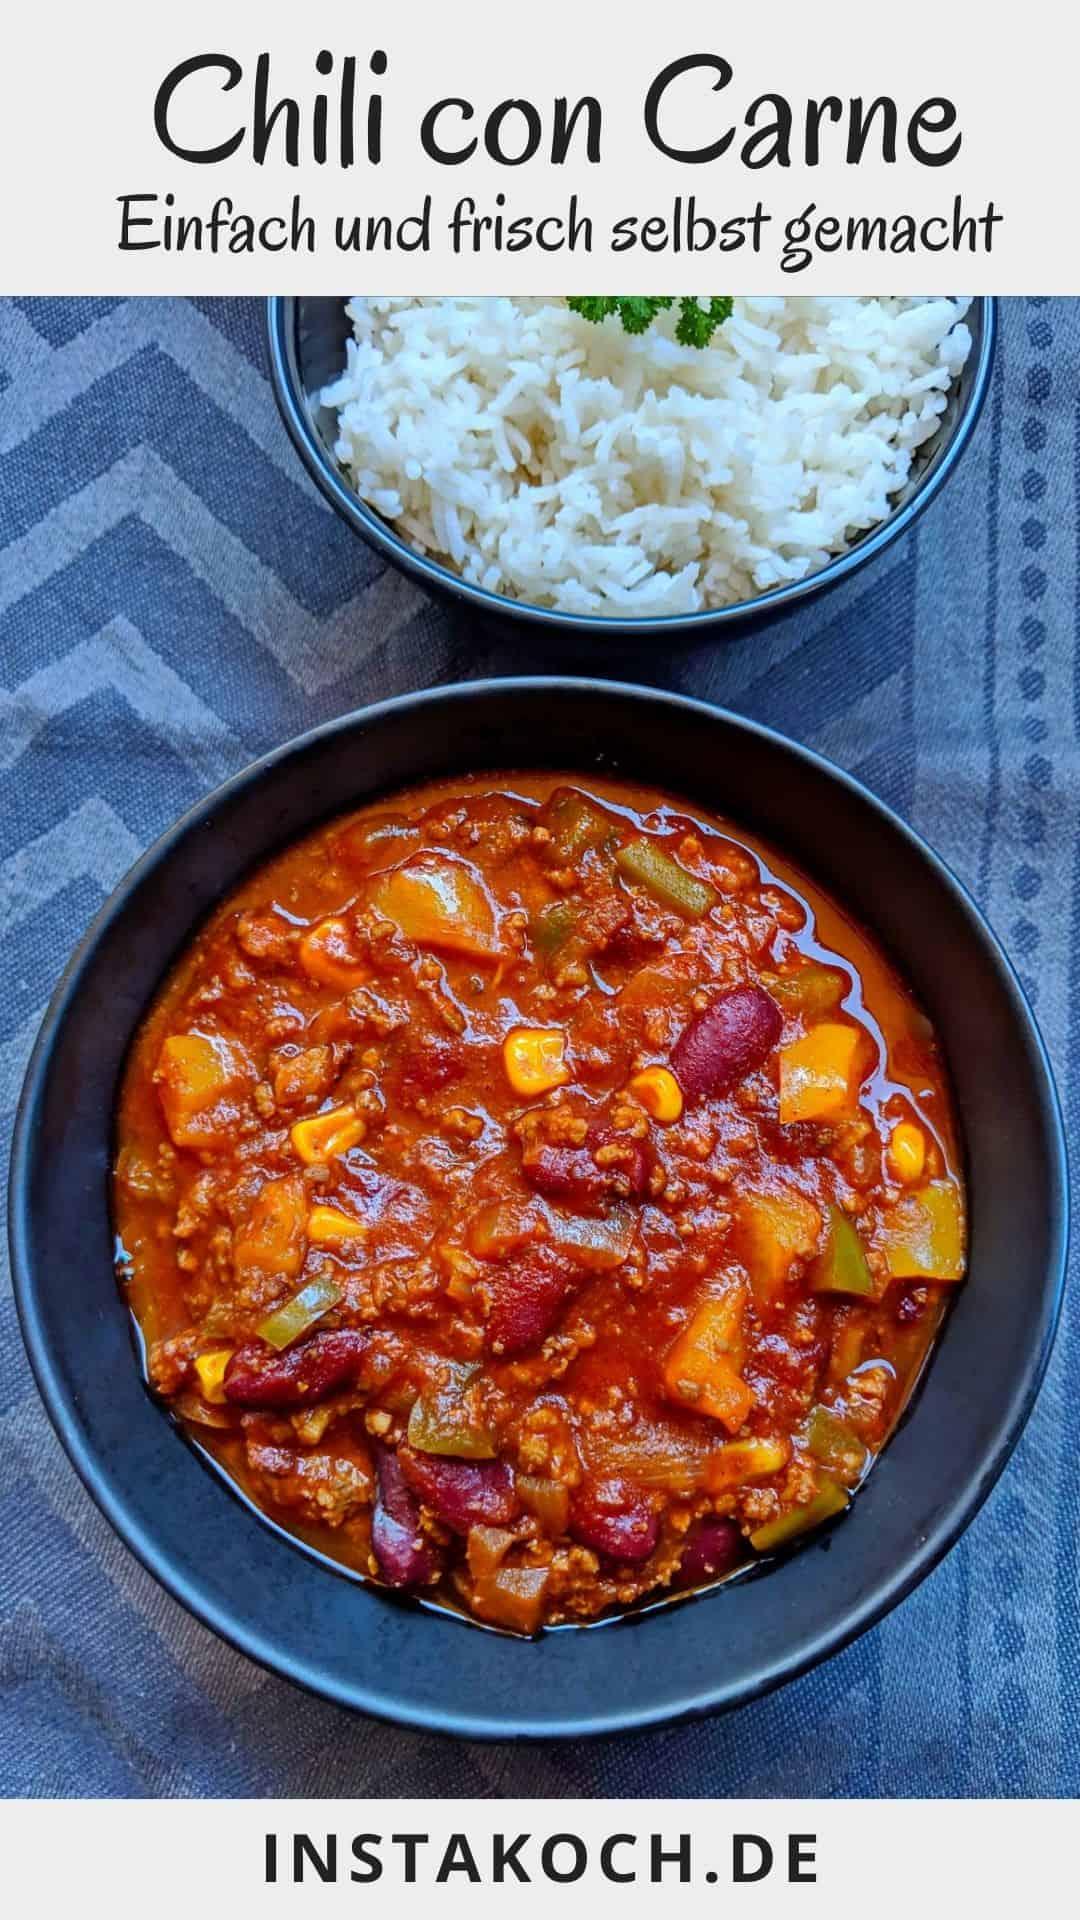 Eine Schüssel Chili con Carne und eine Schüssel mit Reis.